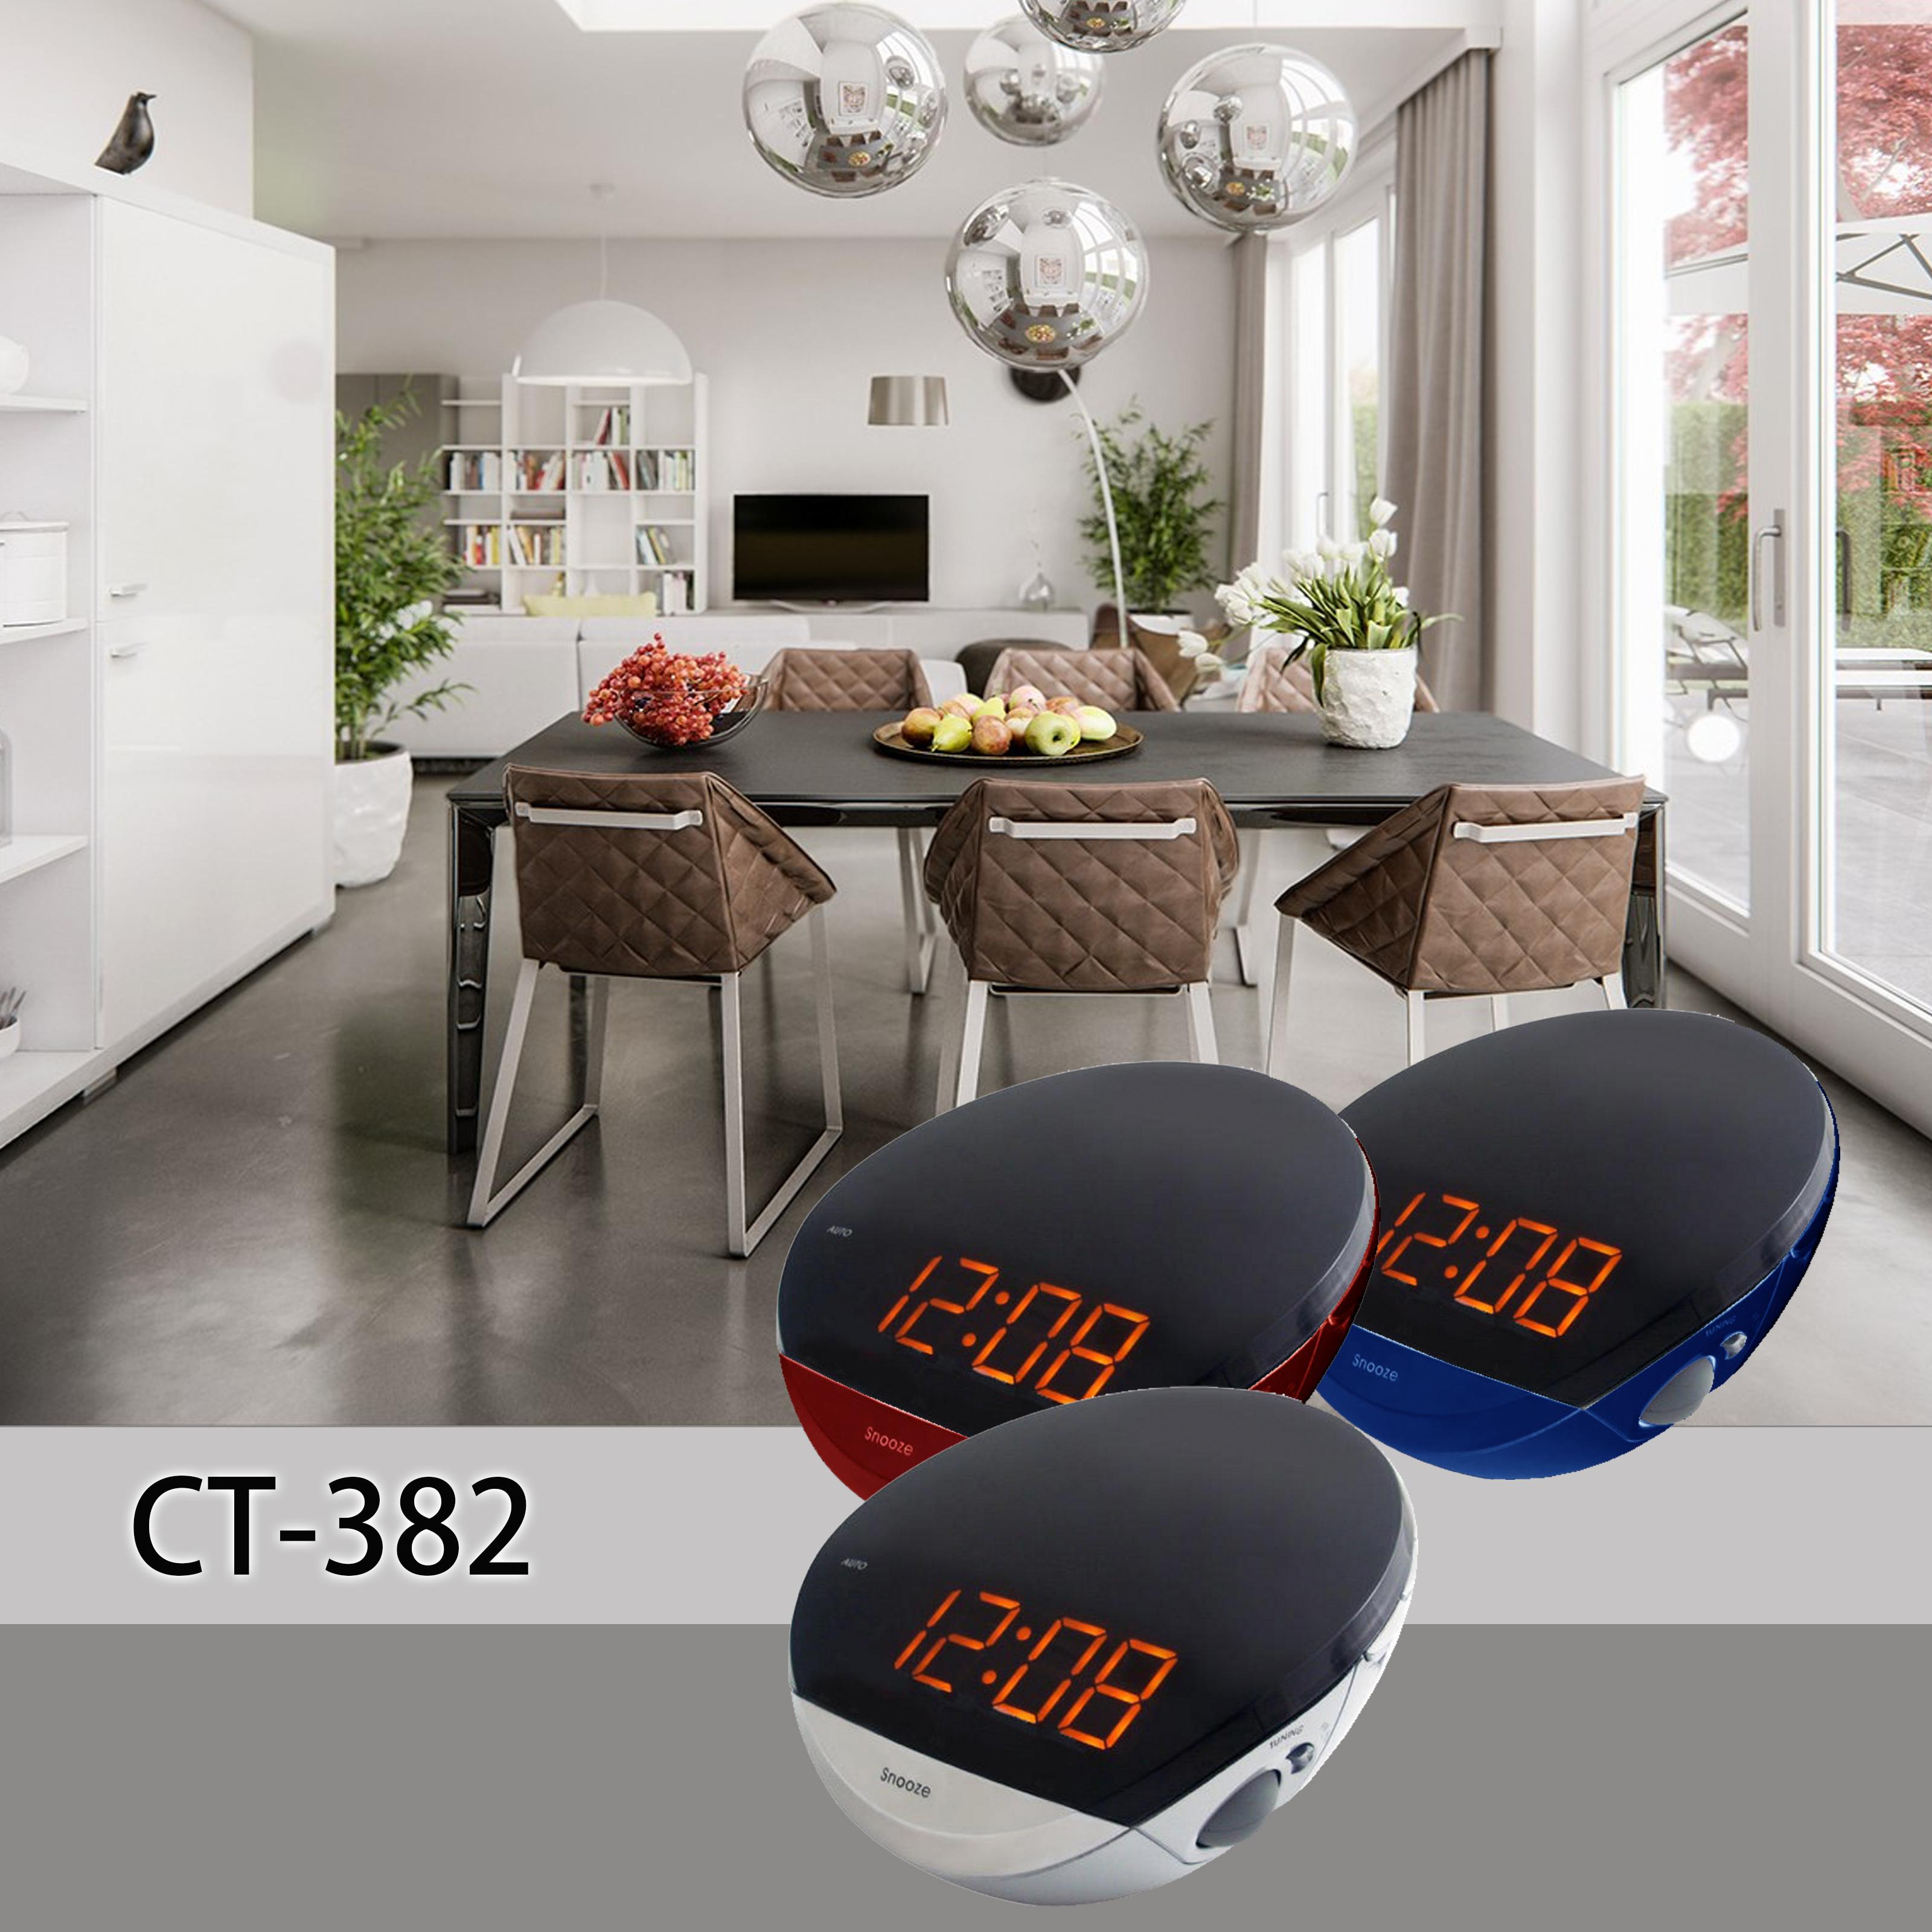 CT-382 dinner .jpg